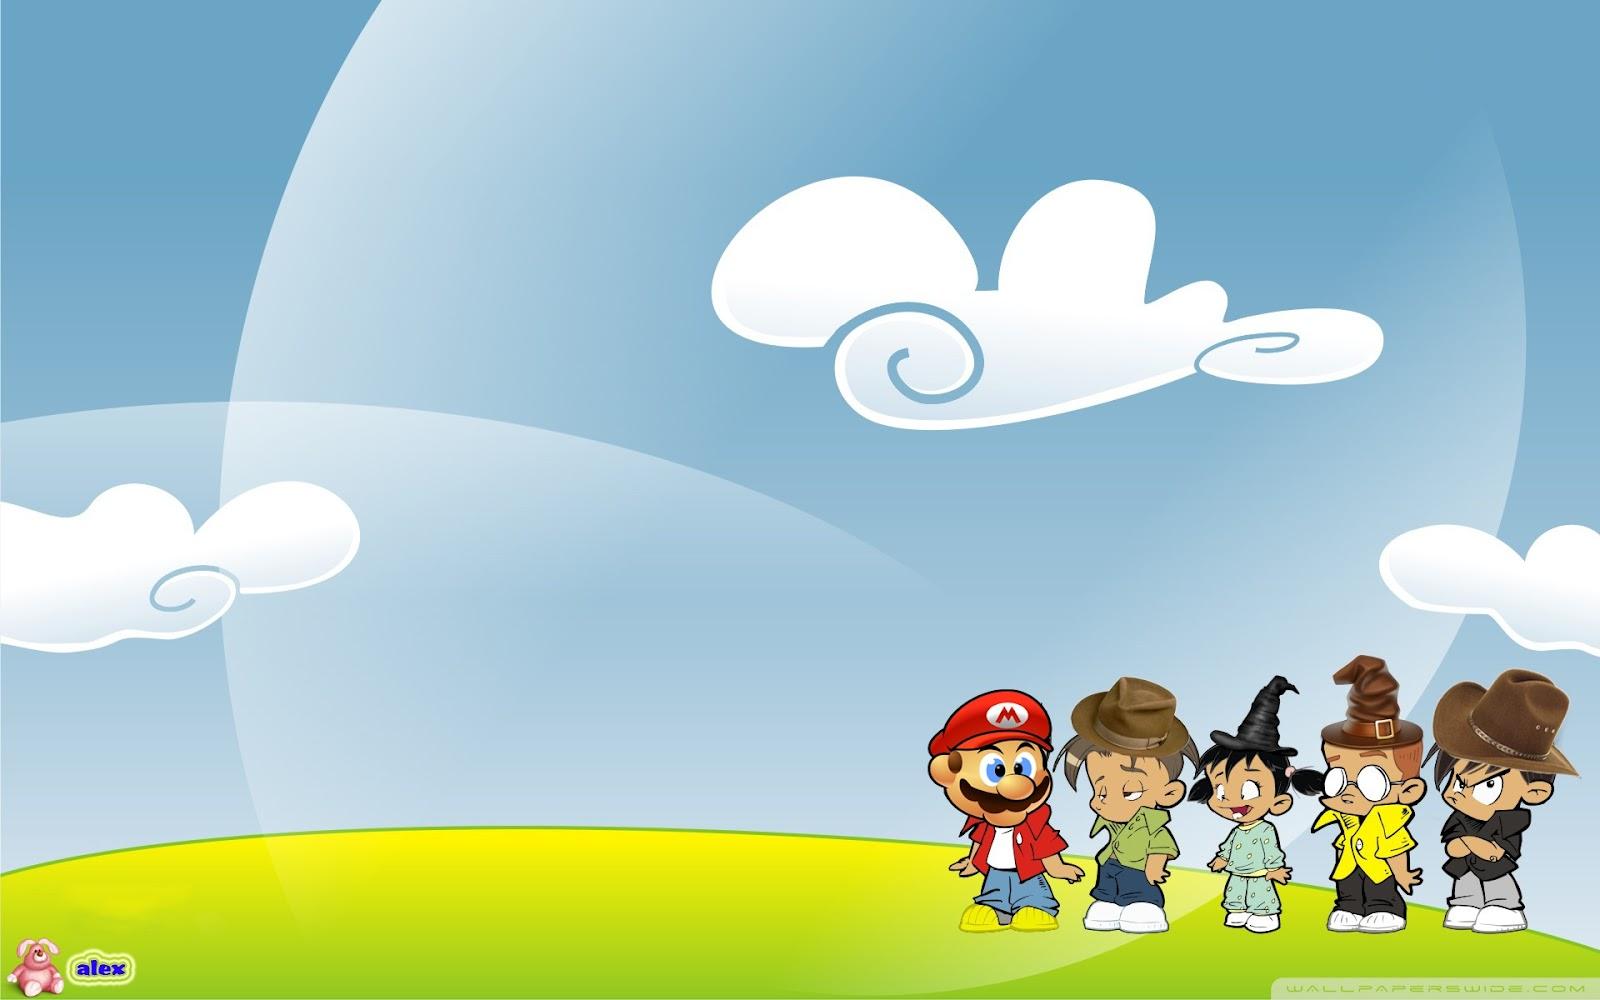 http://3.bp.blogspot.com/-fXEDg57Ra1c/UBf-mHHQaiI/AAAAAAAAAZo/_27o0A8u_nY/s1600/funny_mario-wallpaper-1920x1200.jpg